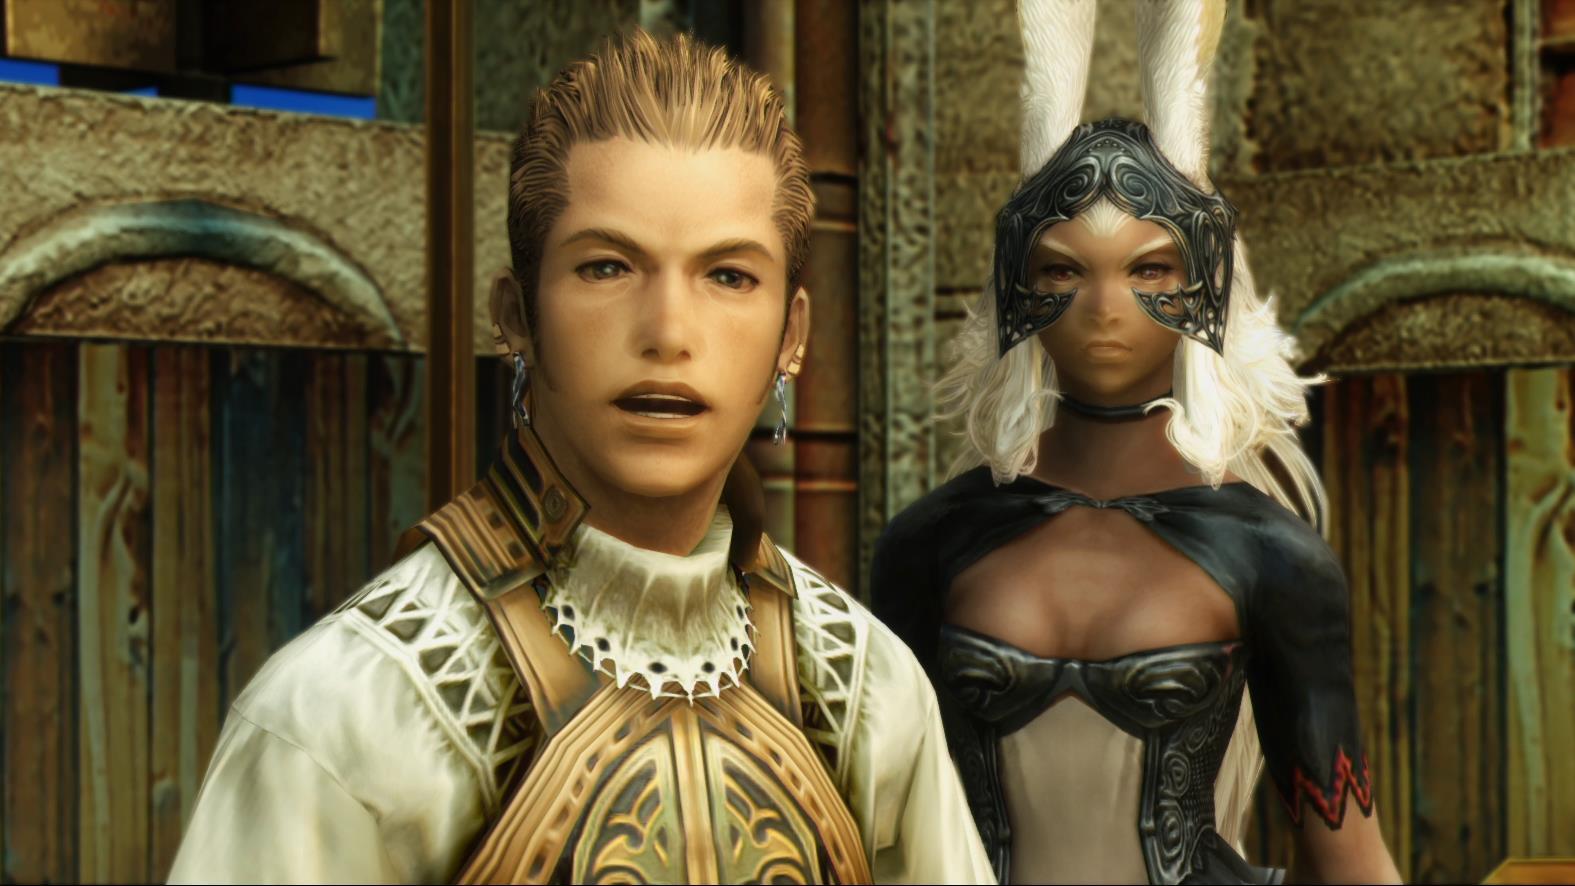 Final Fantasy XII arriva su Switch e Xbox One con nuove aggiunte!